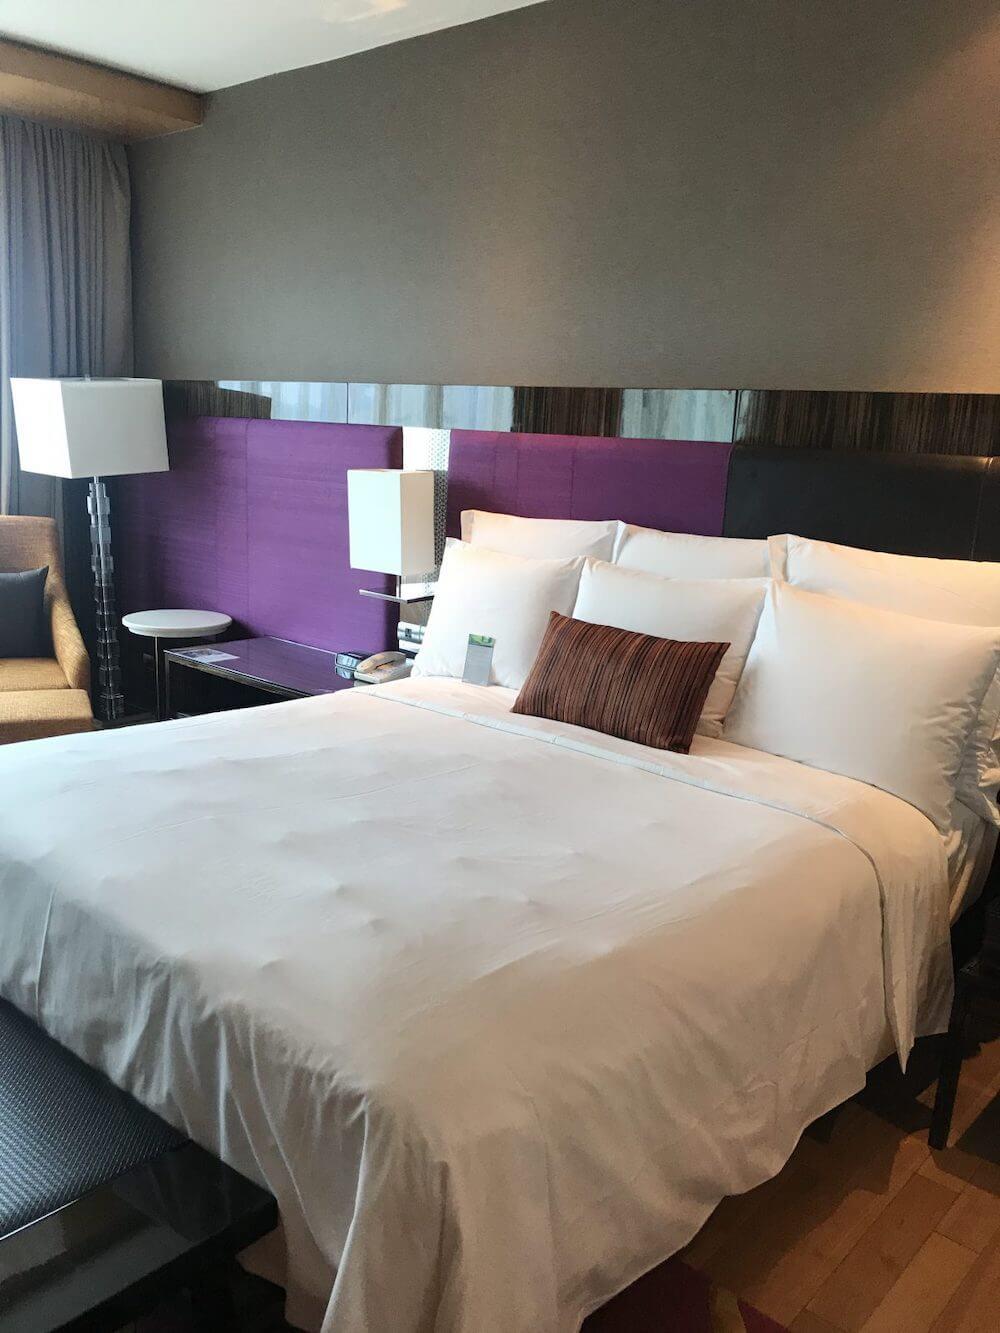 ルネッサンス バンコク ラッチャプラソーン ホテル 宿泊記 009